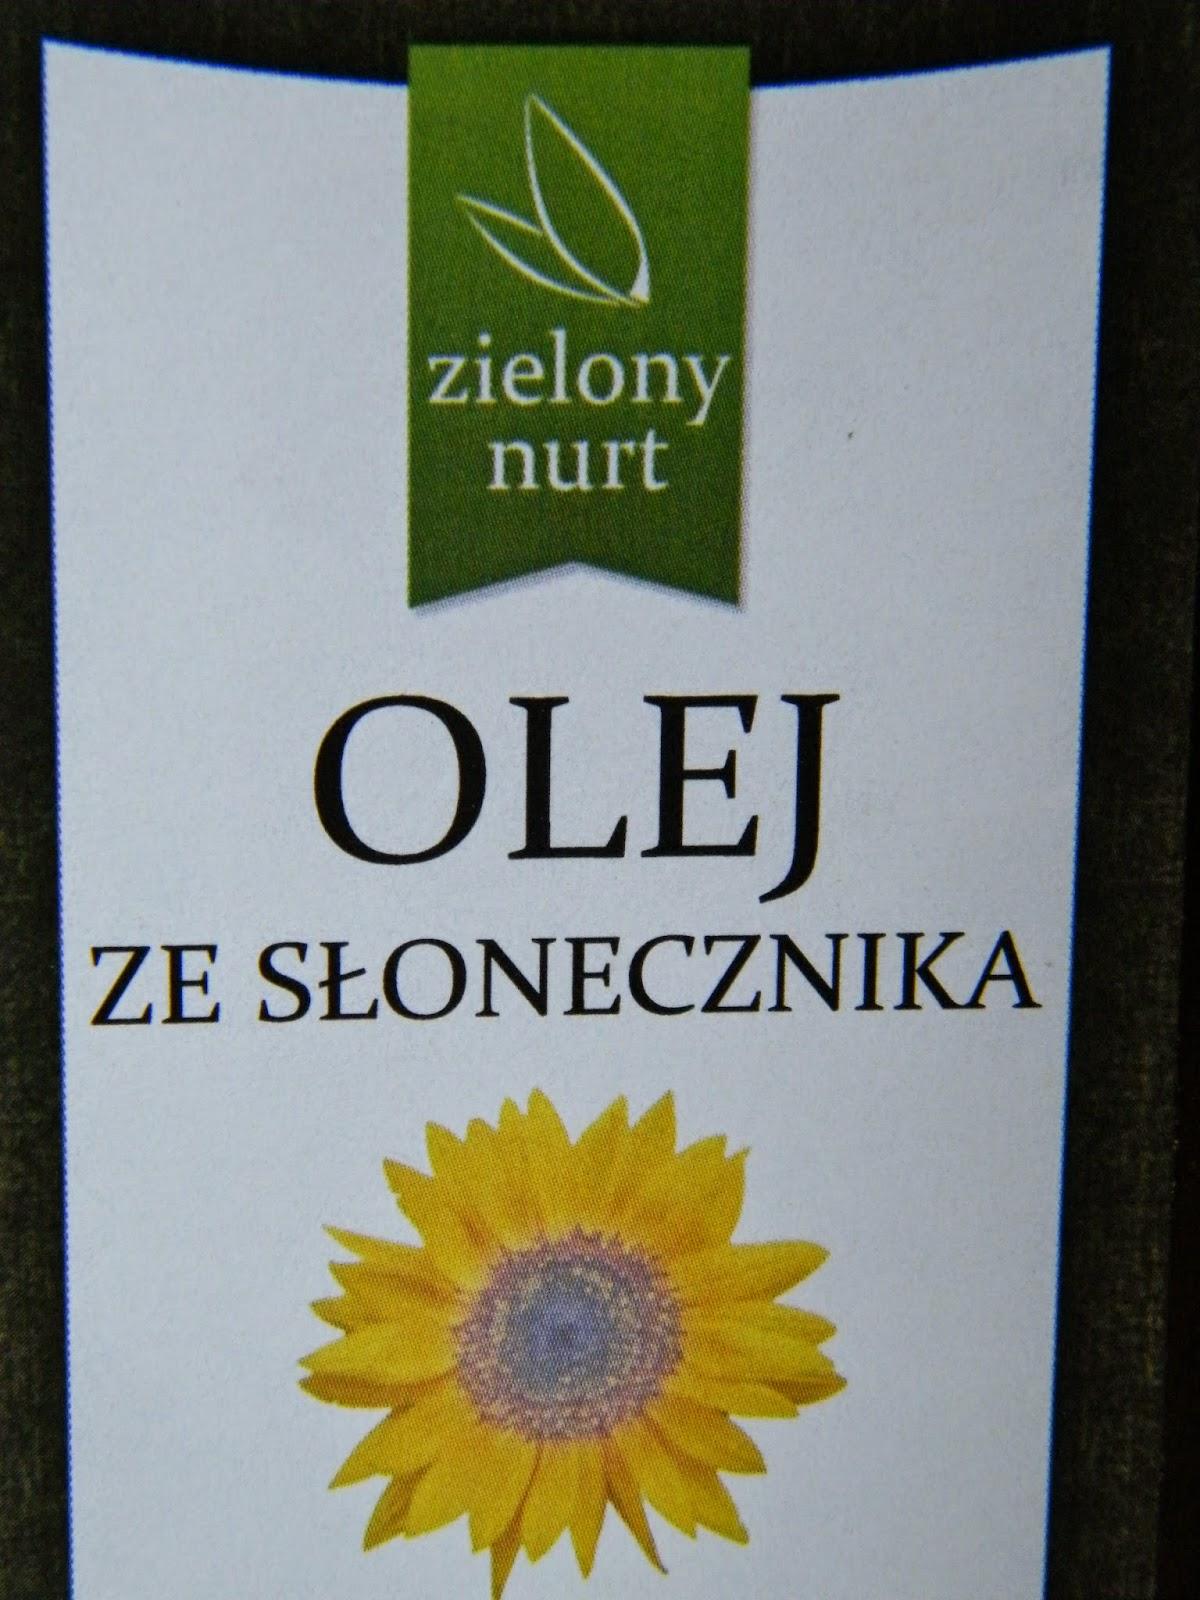 Olej ze słonecznika - Zielony Nurt